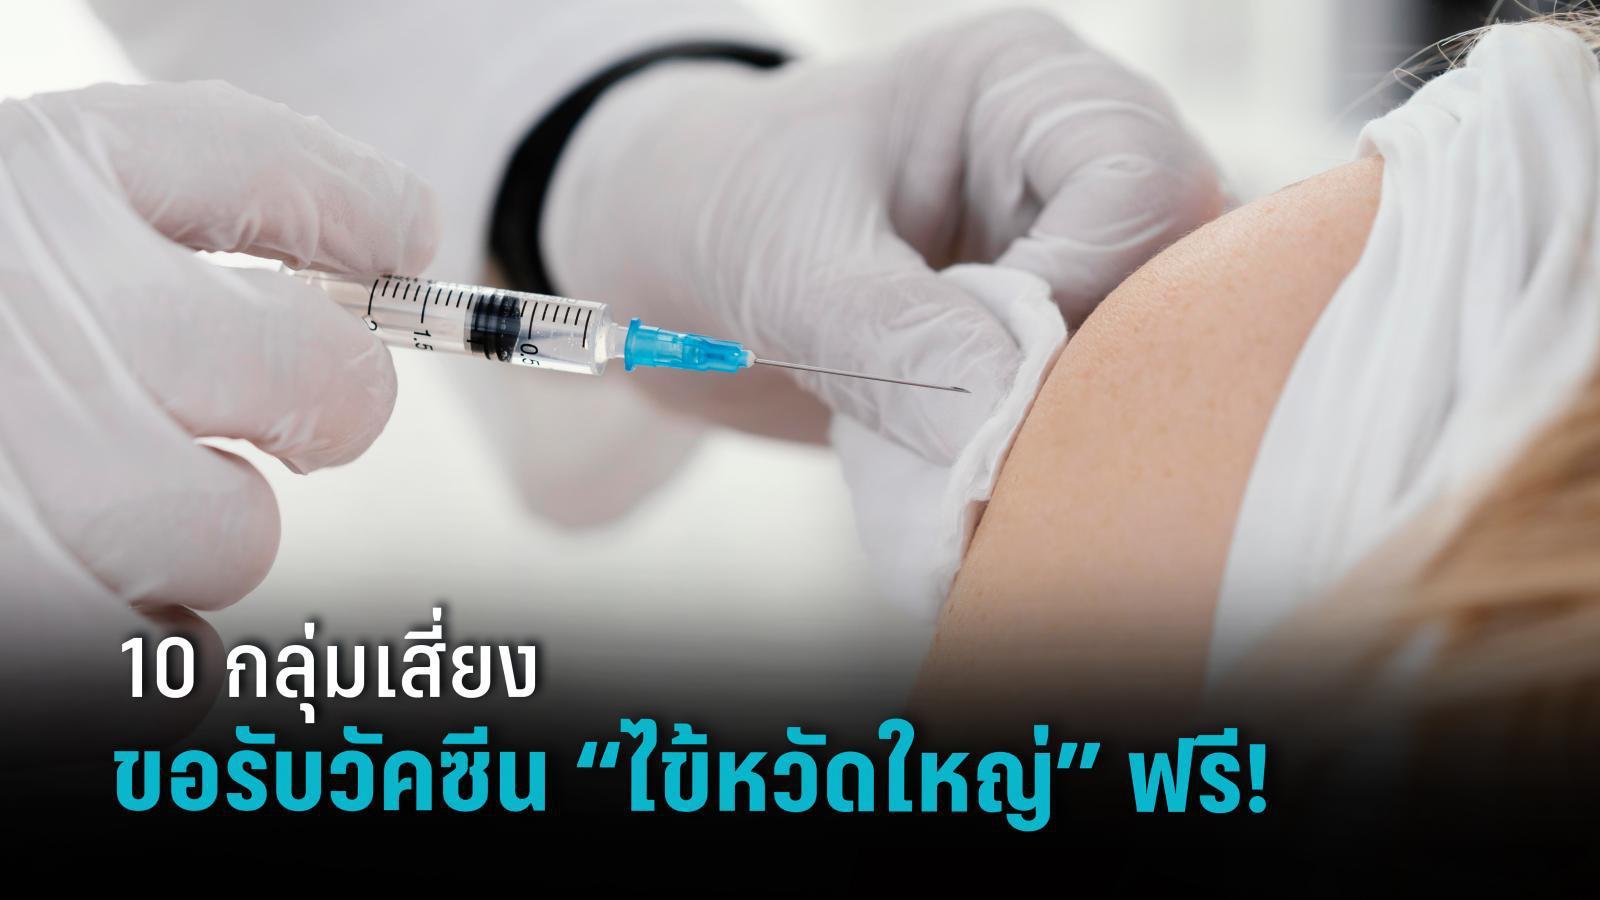 10 กลุ่มเสี่ยง ติดต่อขอรับวัคซีนไข้หวัดใหญ่ฟรี ถึง 31 ธ.ค.นี้